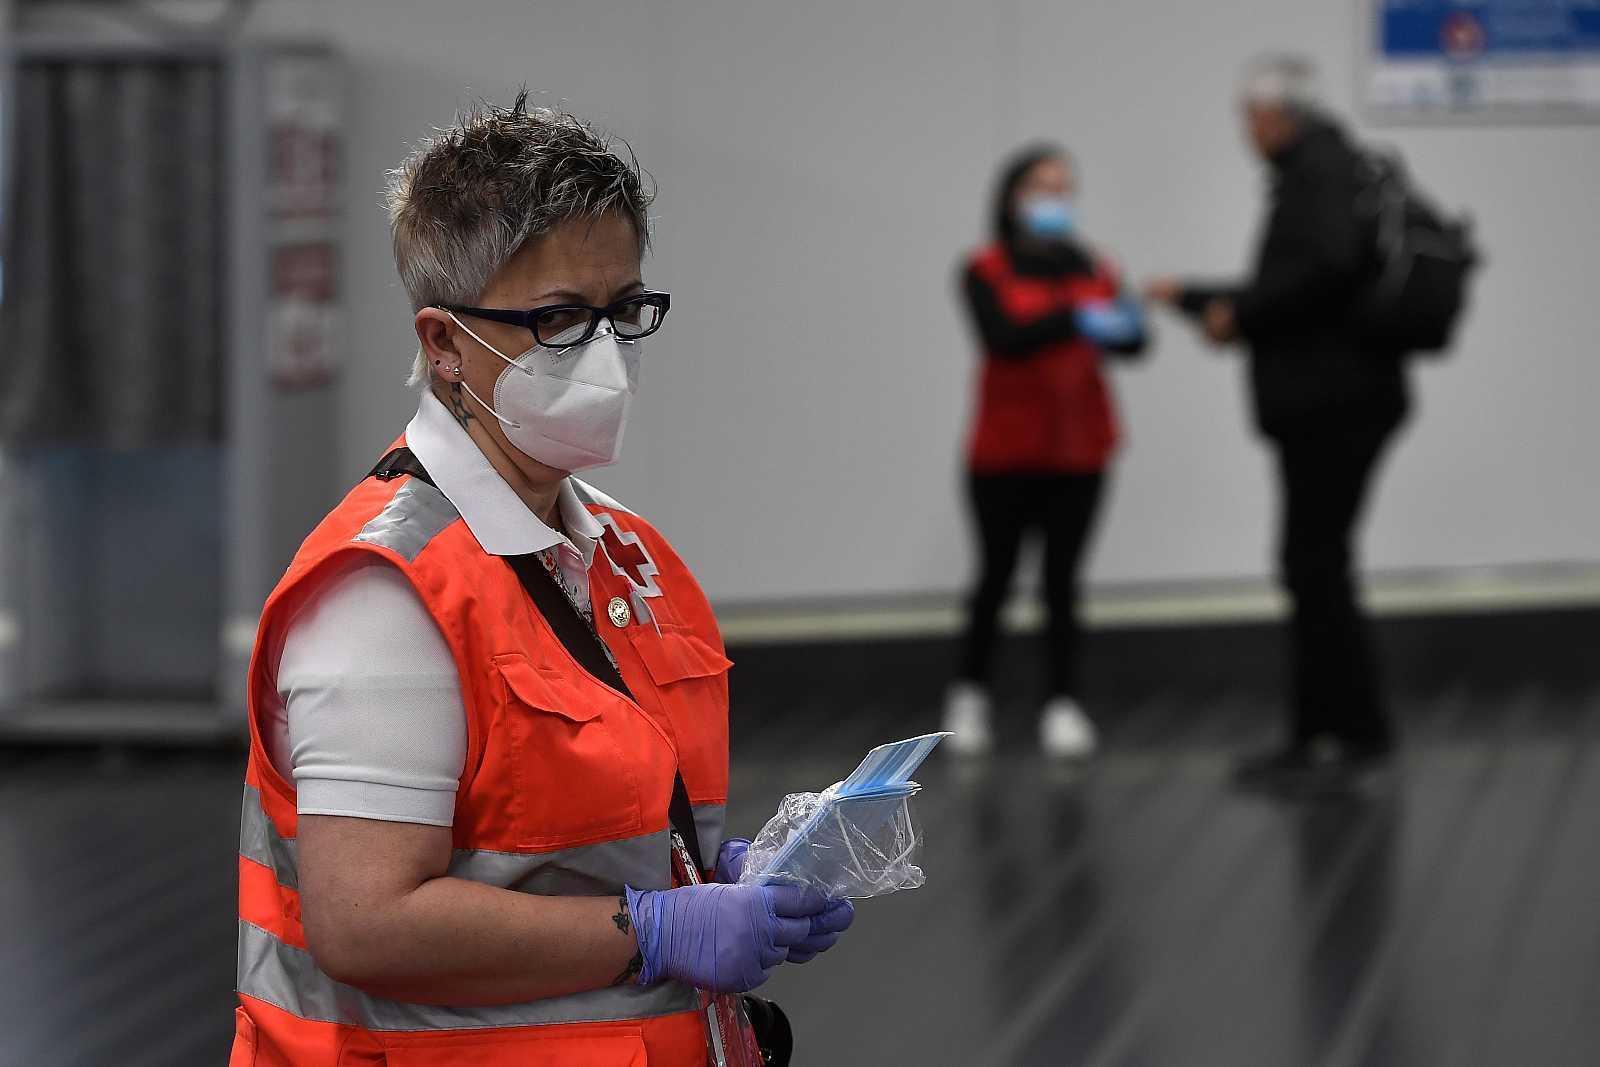 Un voluntario de la Cruz Roja distribuye mascaras faciales en la estación de Chamartín de Madrid.